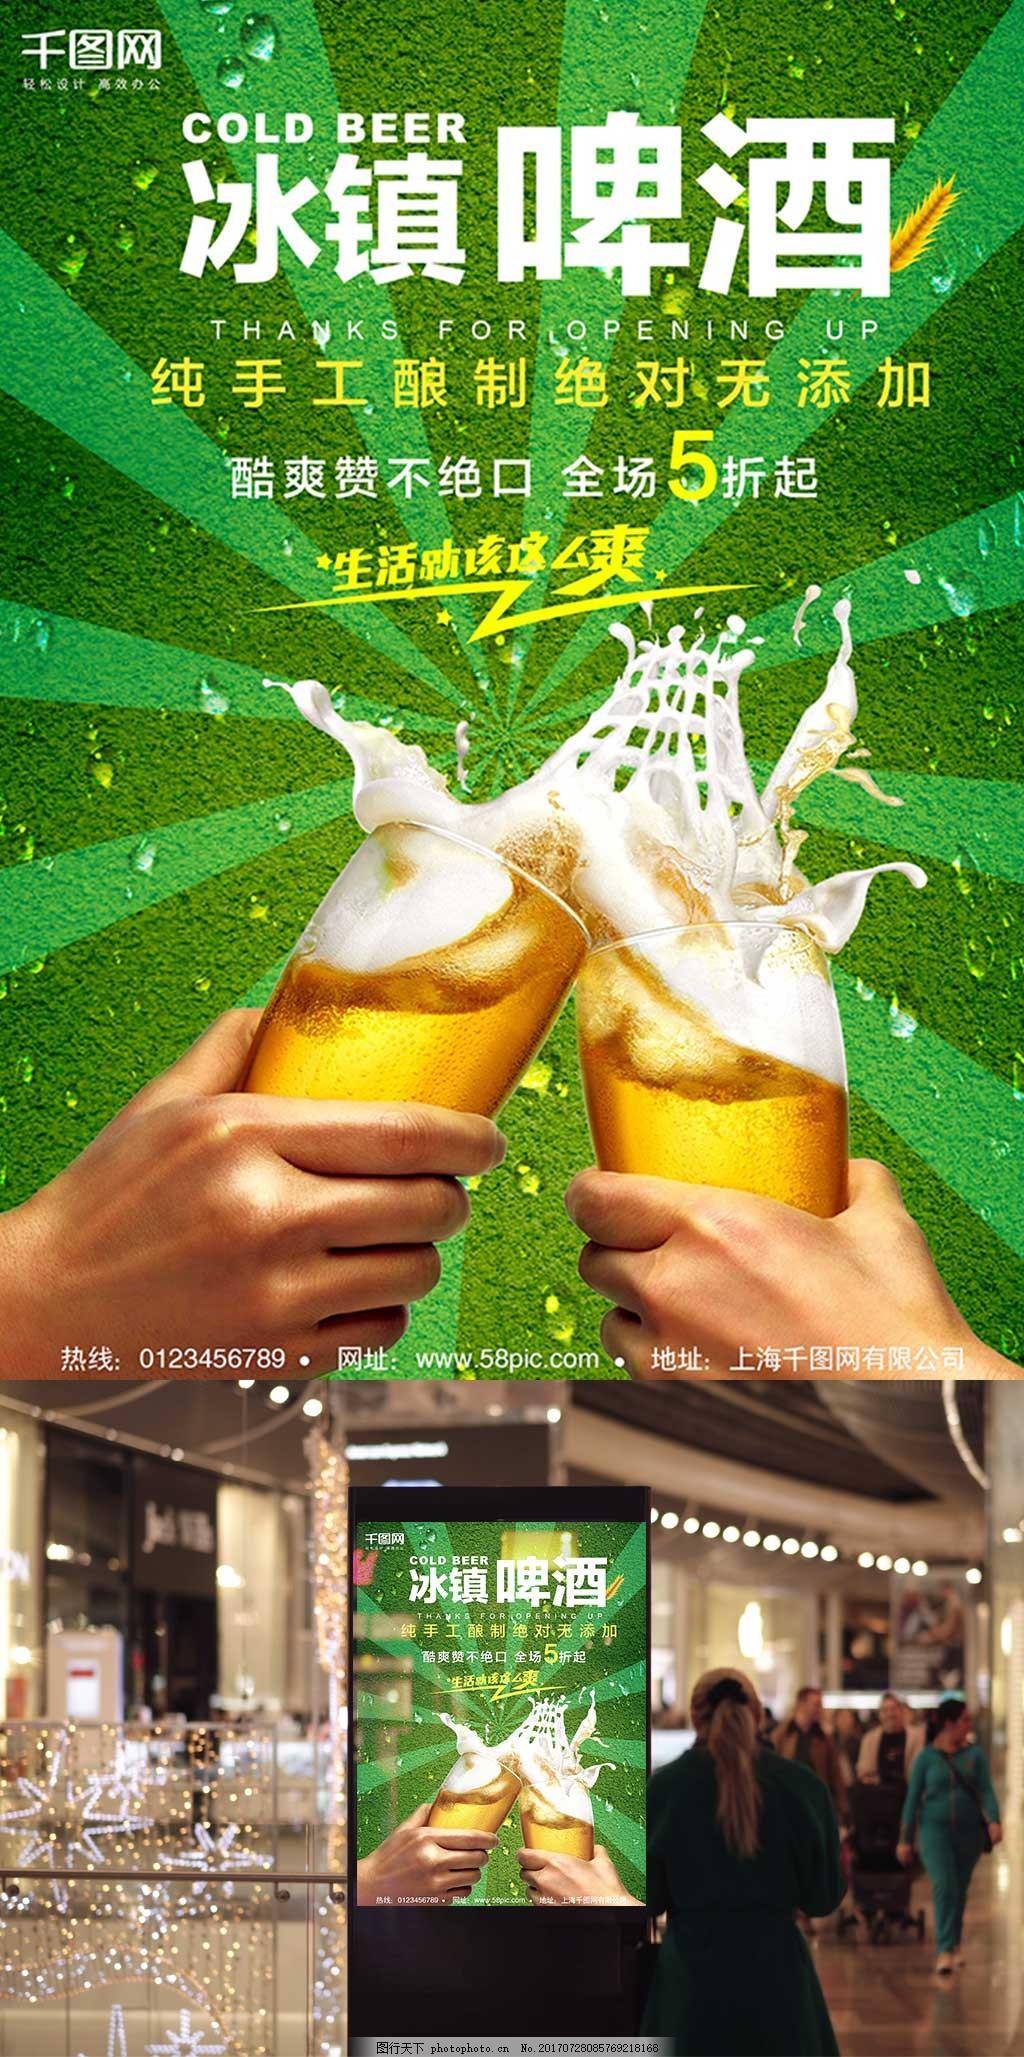 啤酒 啤酒海报 饮料 饮品 冰镇啤酒 啤酒广告 啤酒烧烤 狂欢节 酒吧